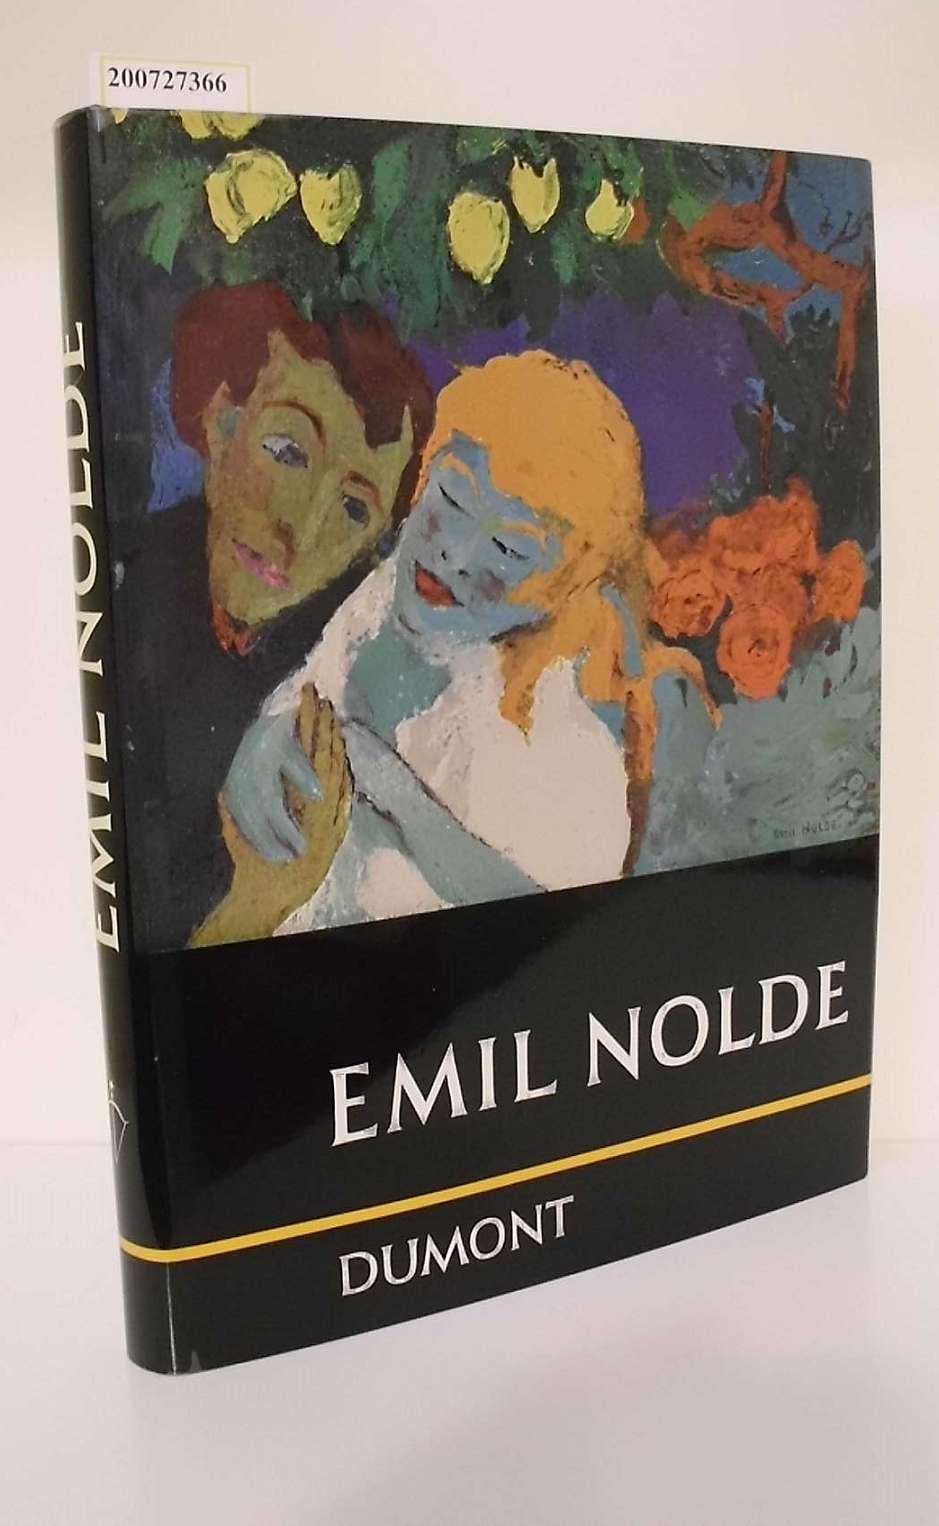 Emil Nolde. Herausg. v. d. Stiftung Seebüll Ada und Emil Nolde. 5. Auflage